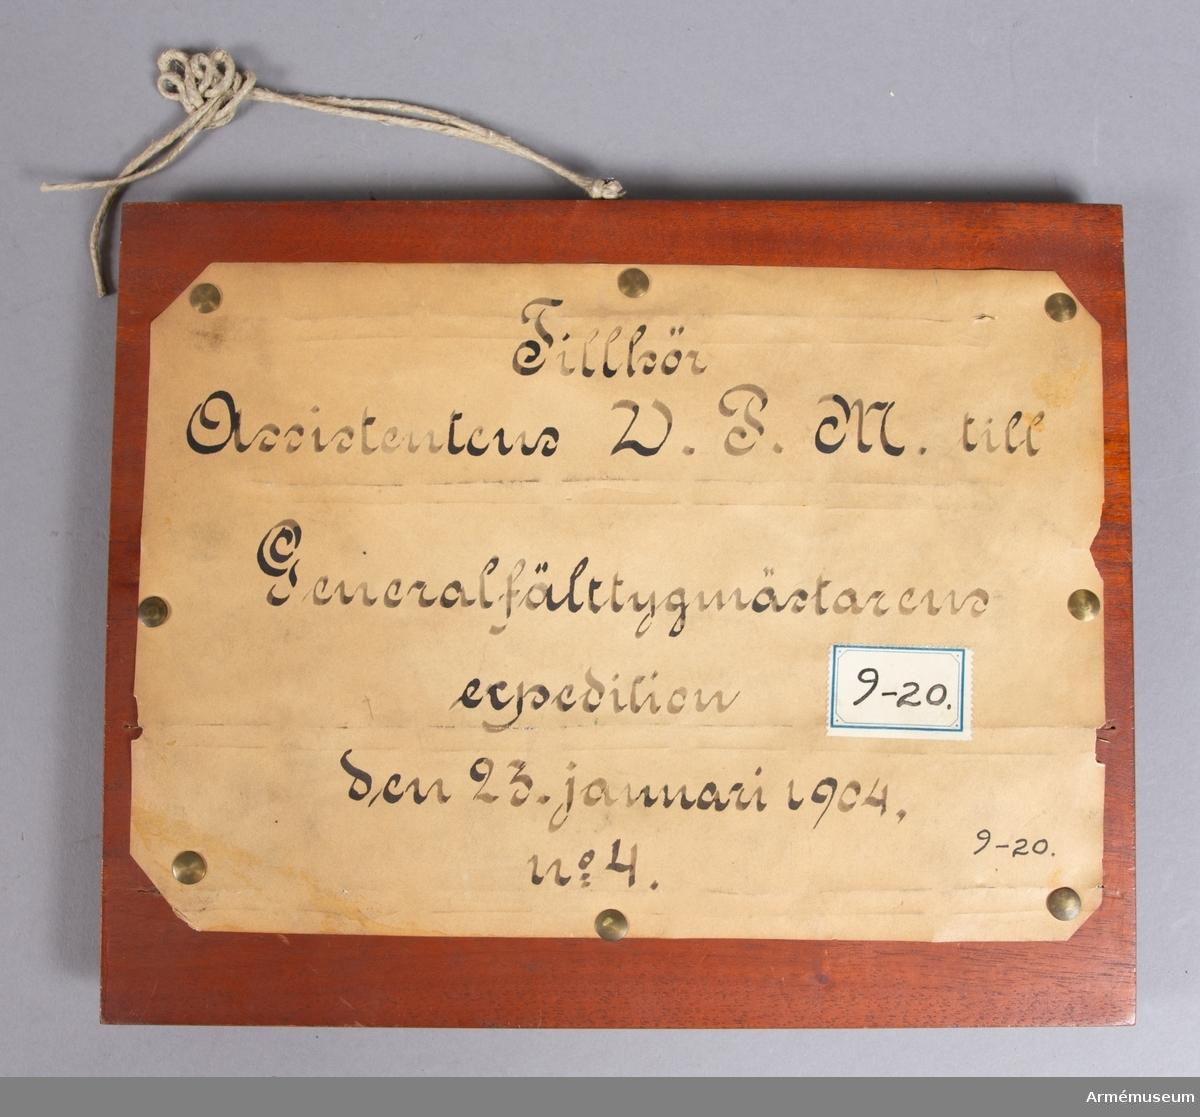 Grupp E V. Mont. på skiva märkt Ass. W.P.M. t Generalfälttygm. exp 1904. Nr 4.